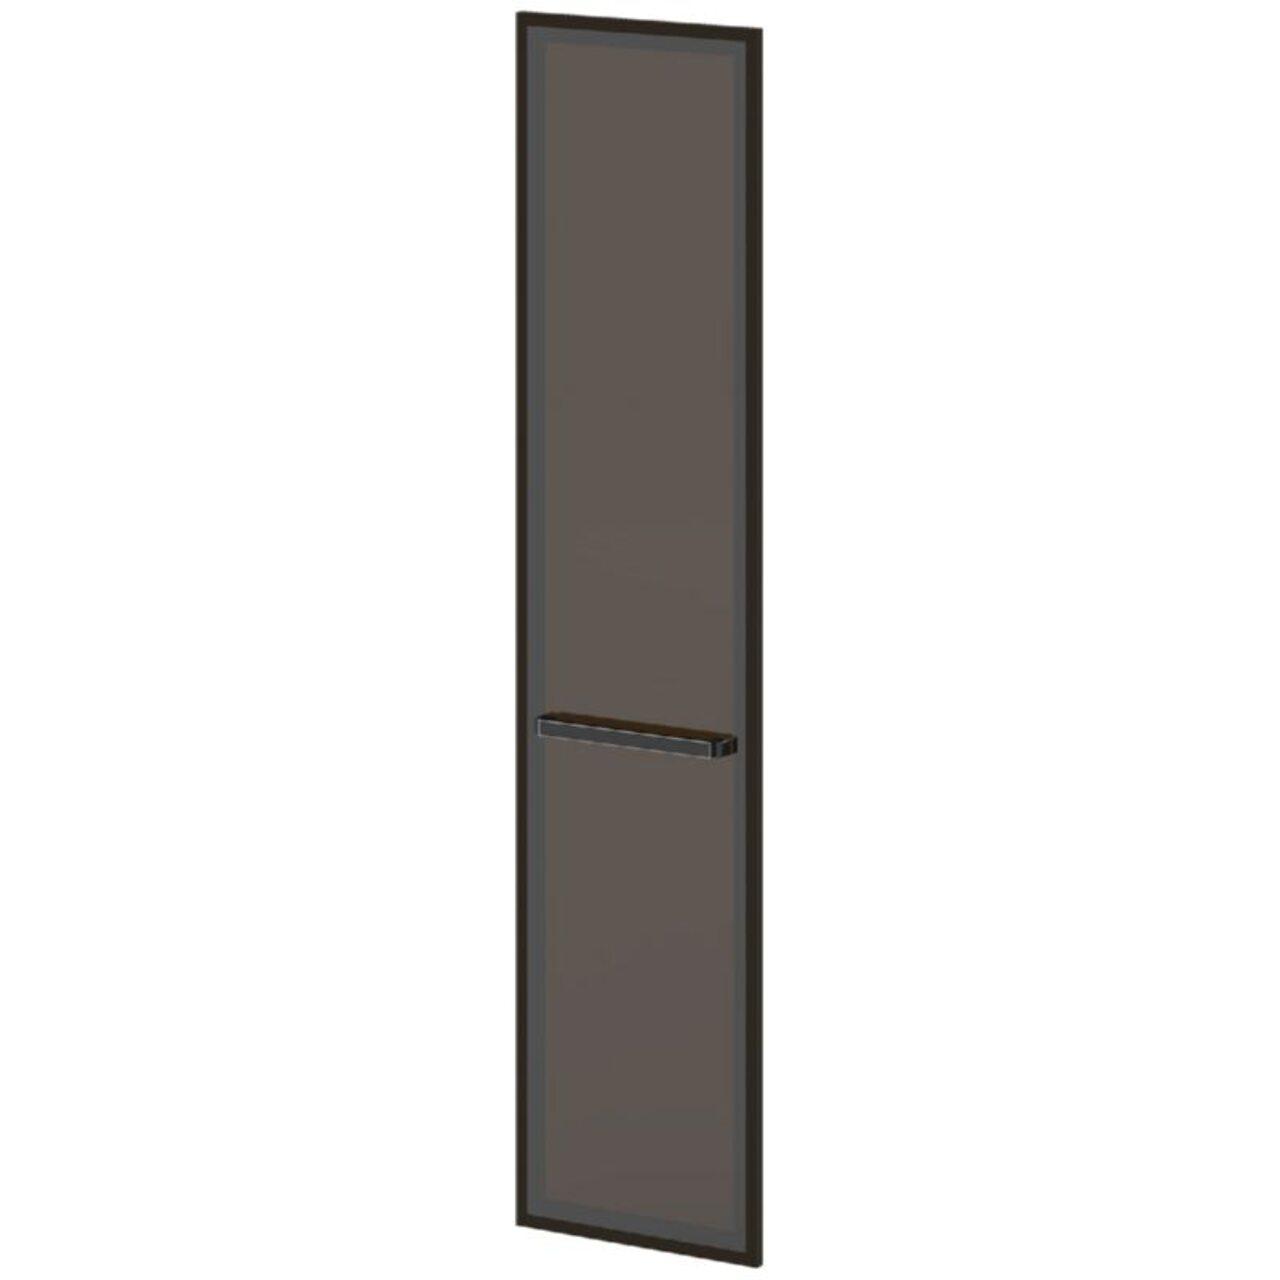 Дверь высокая для стеллажей L-67, L-72  GRACE 2x45x194 - фото 1